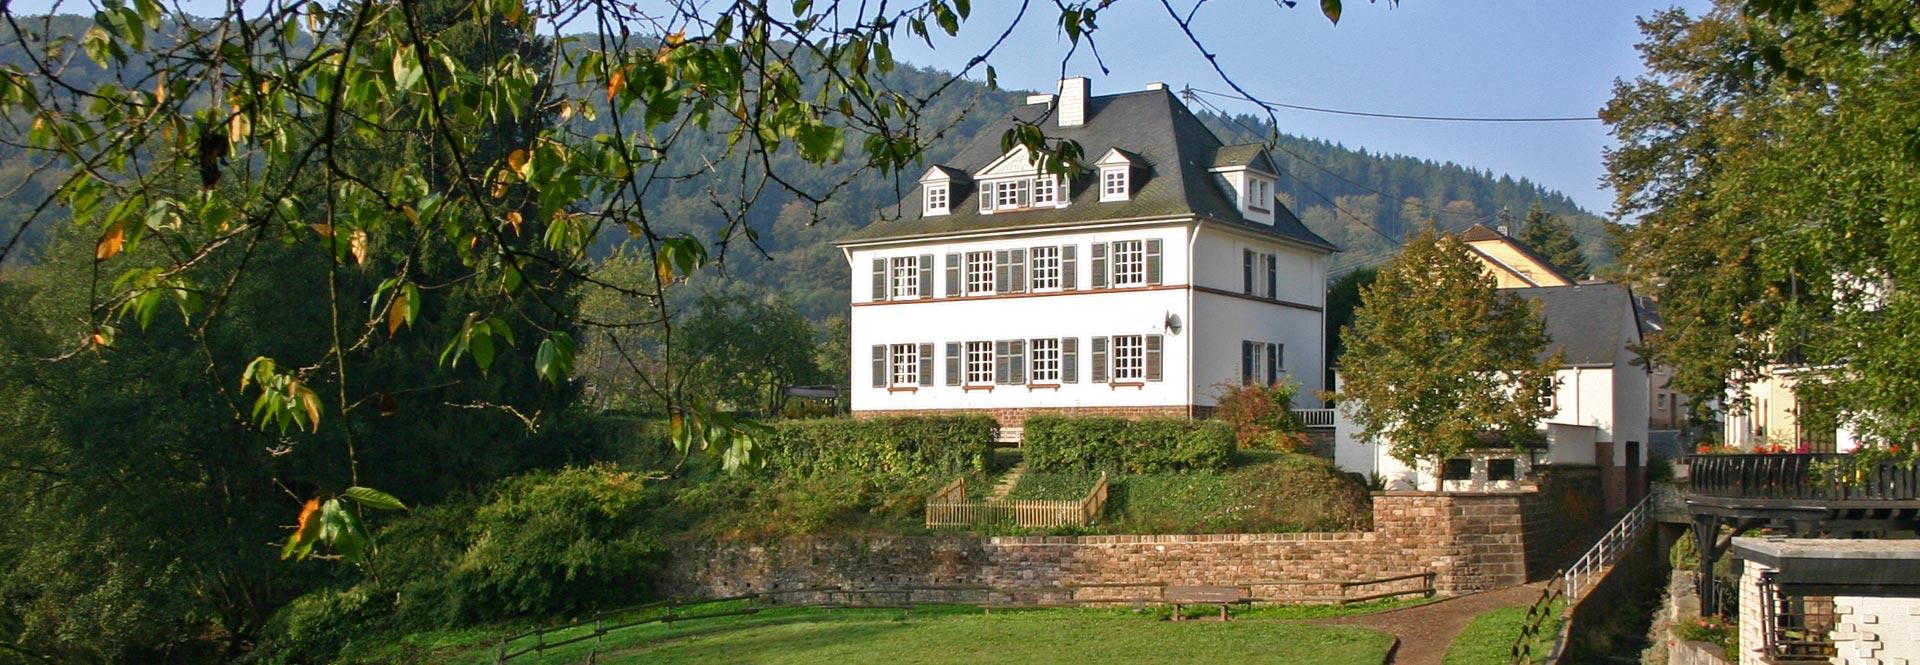 luxe vakantiehuis 16 personen privé bioscoop, sauna en jacuzzi in Eifel, Duitsland